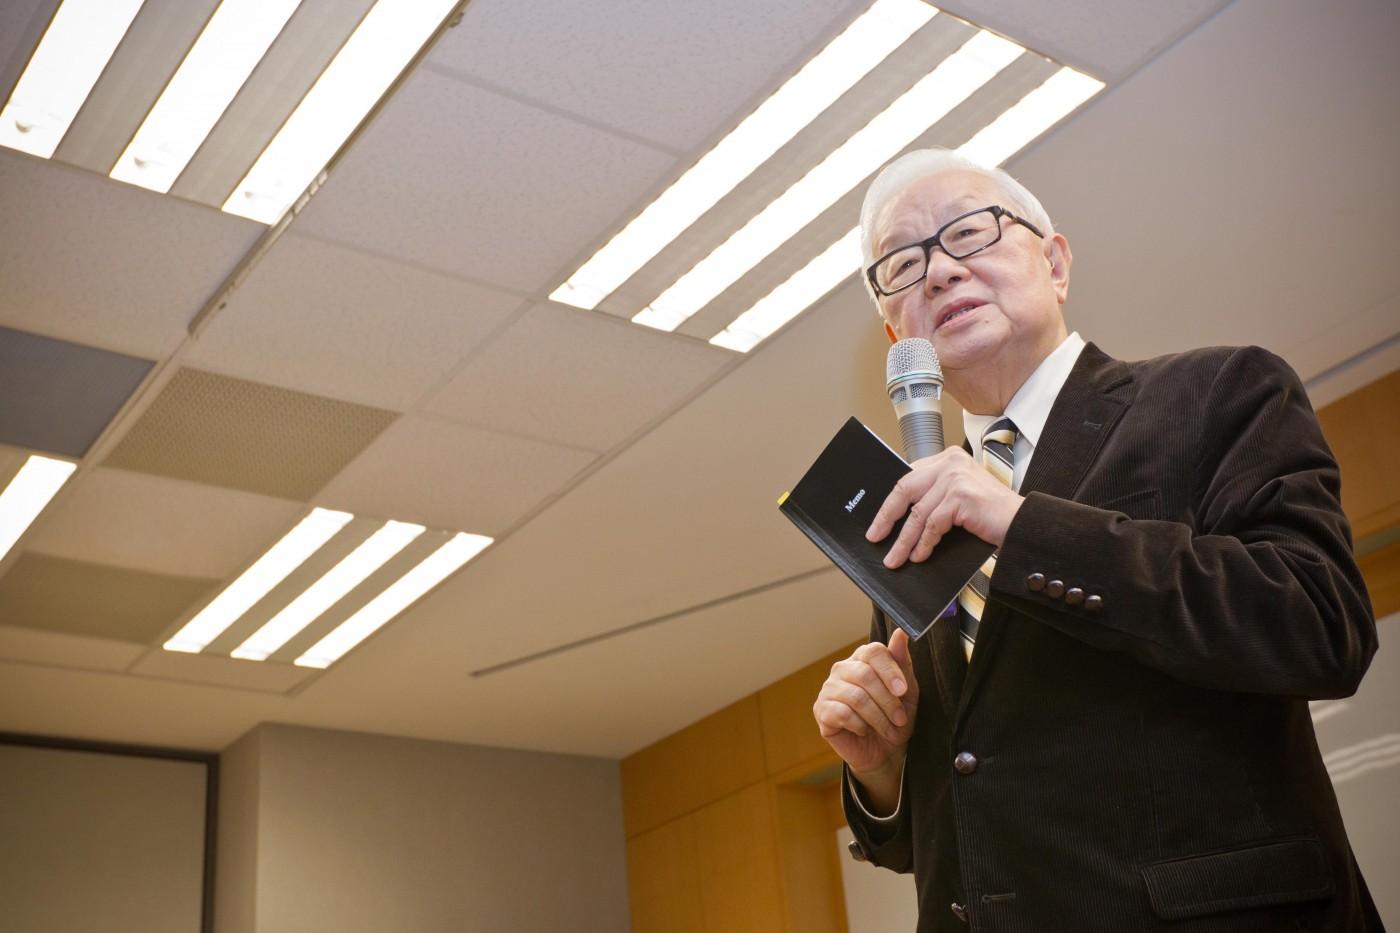 張忠謀怎麼把台積電做成世界級企業?4個經營問題,他親自解答